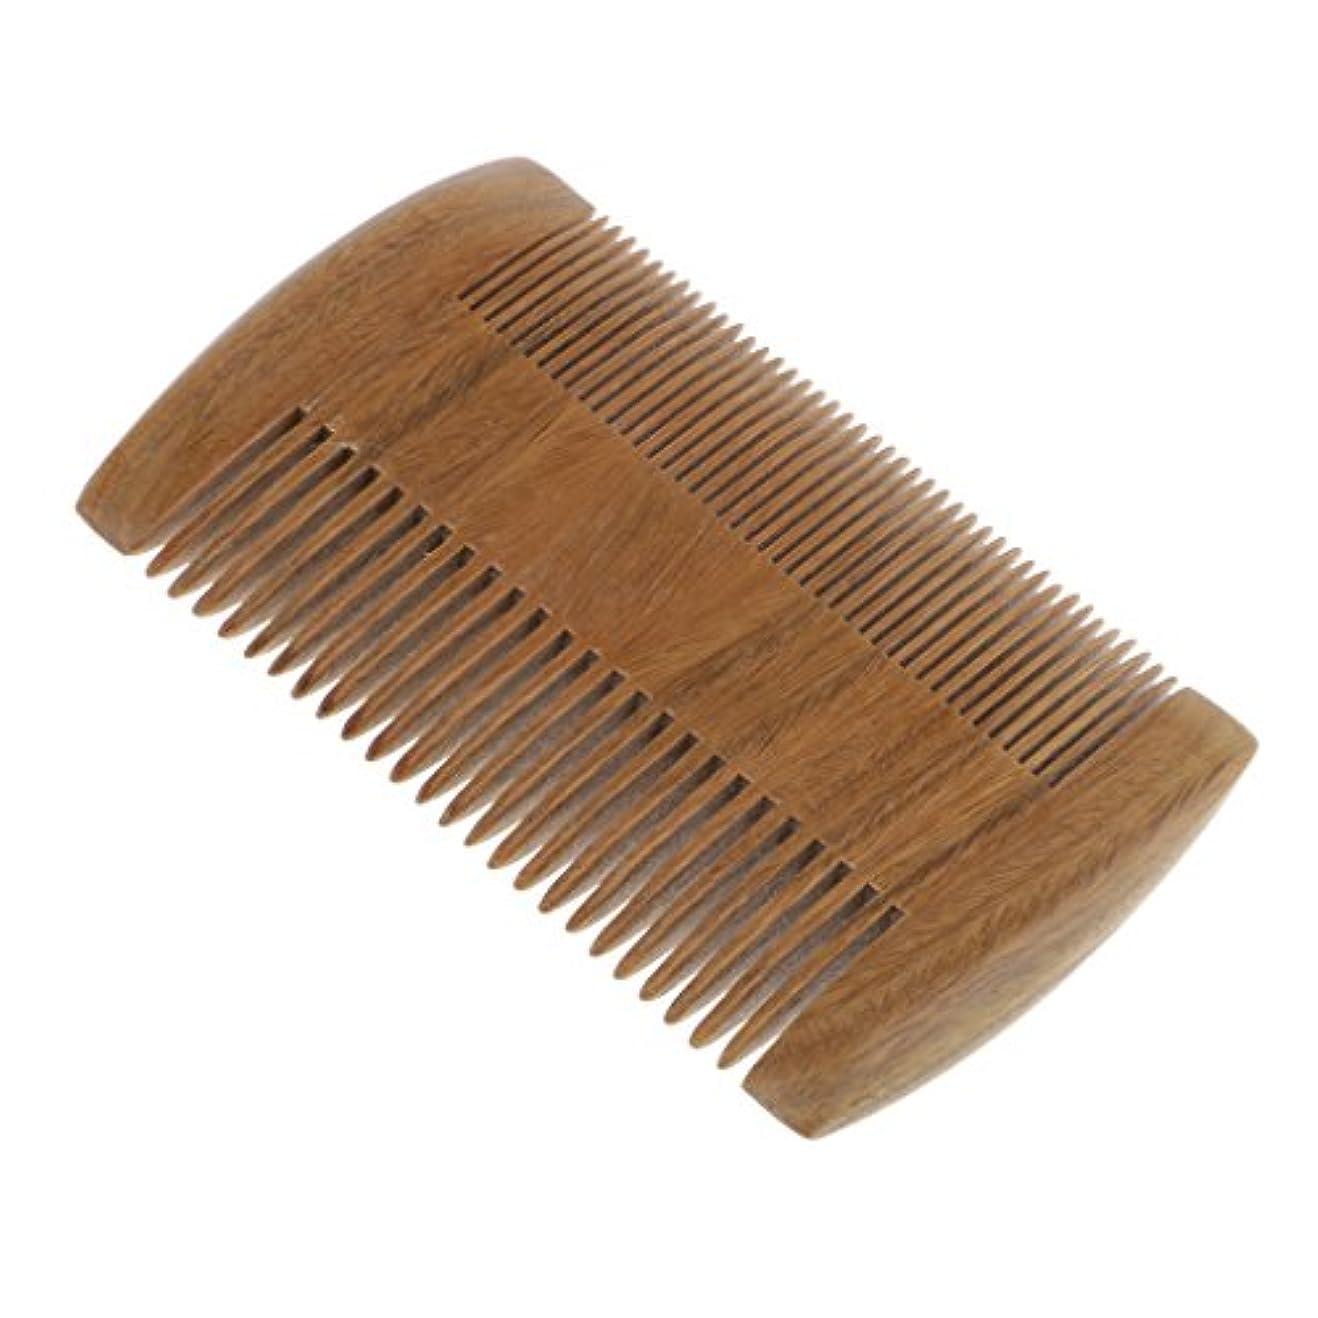 遠足解明軍隊自然な緑の白檀の木製の櫛マッサージ手作りの髪の櫛静的でない - 9.7x6 cm